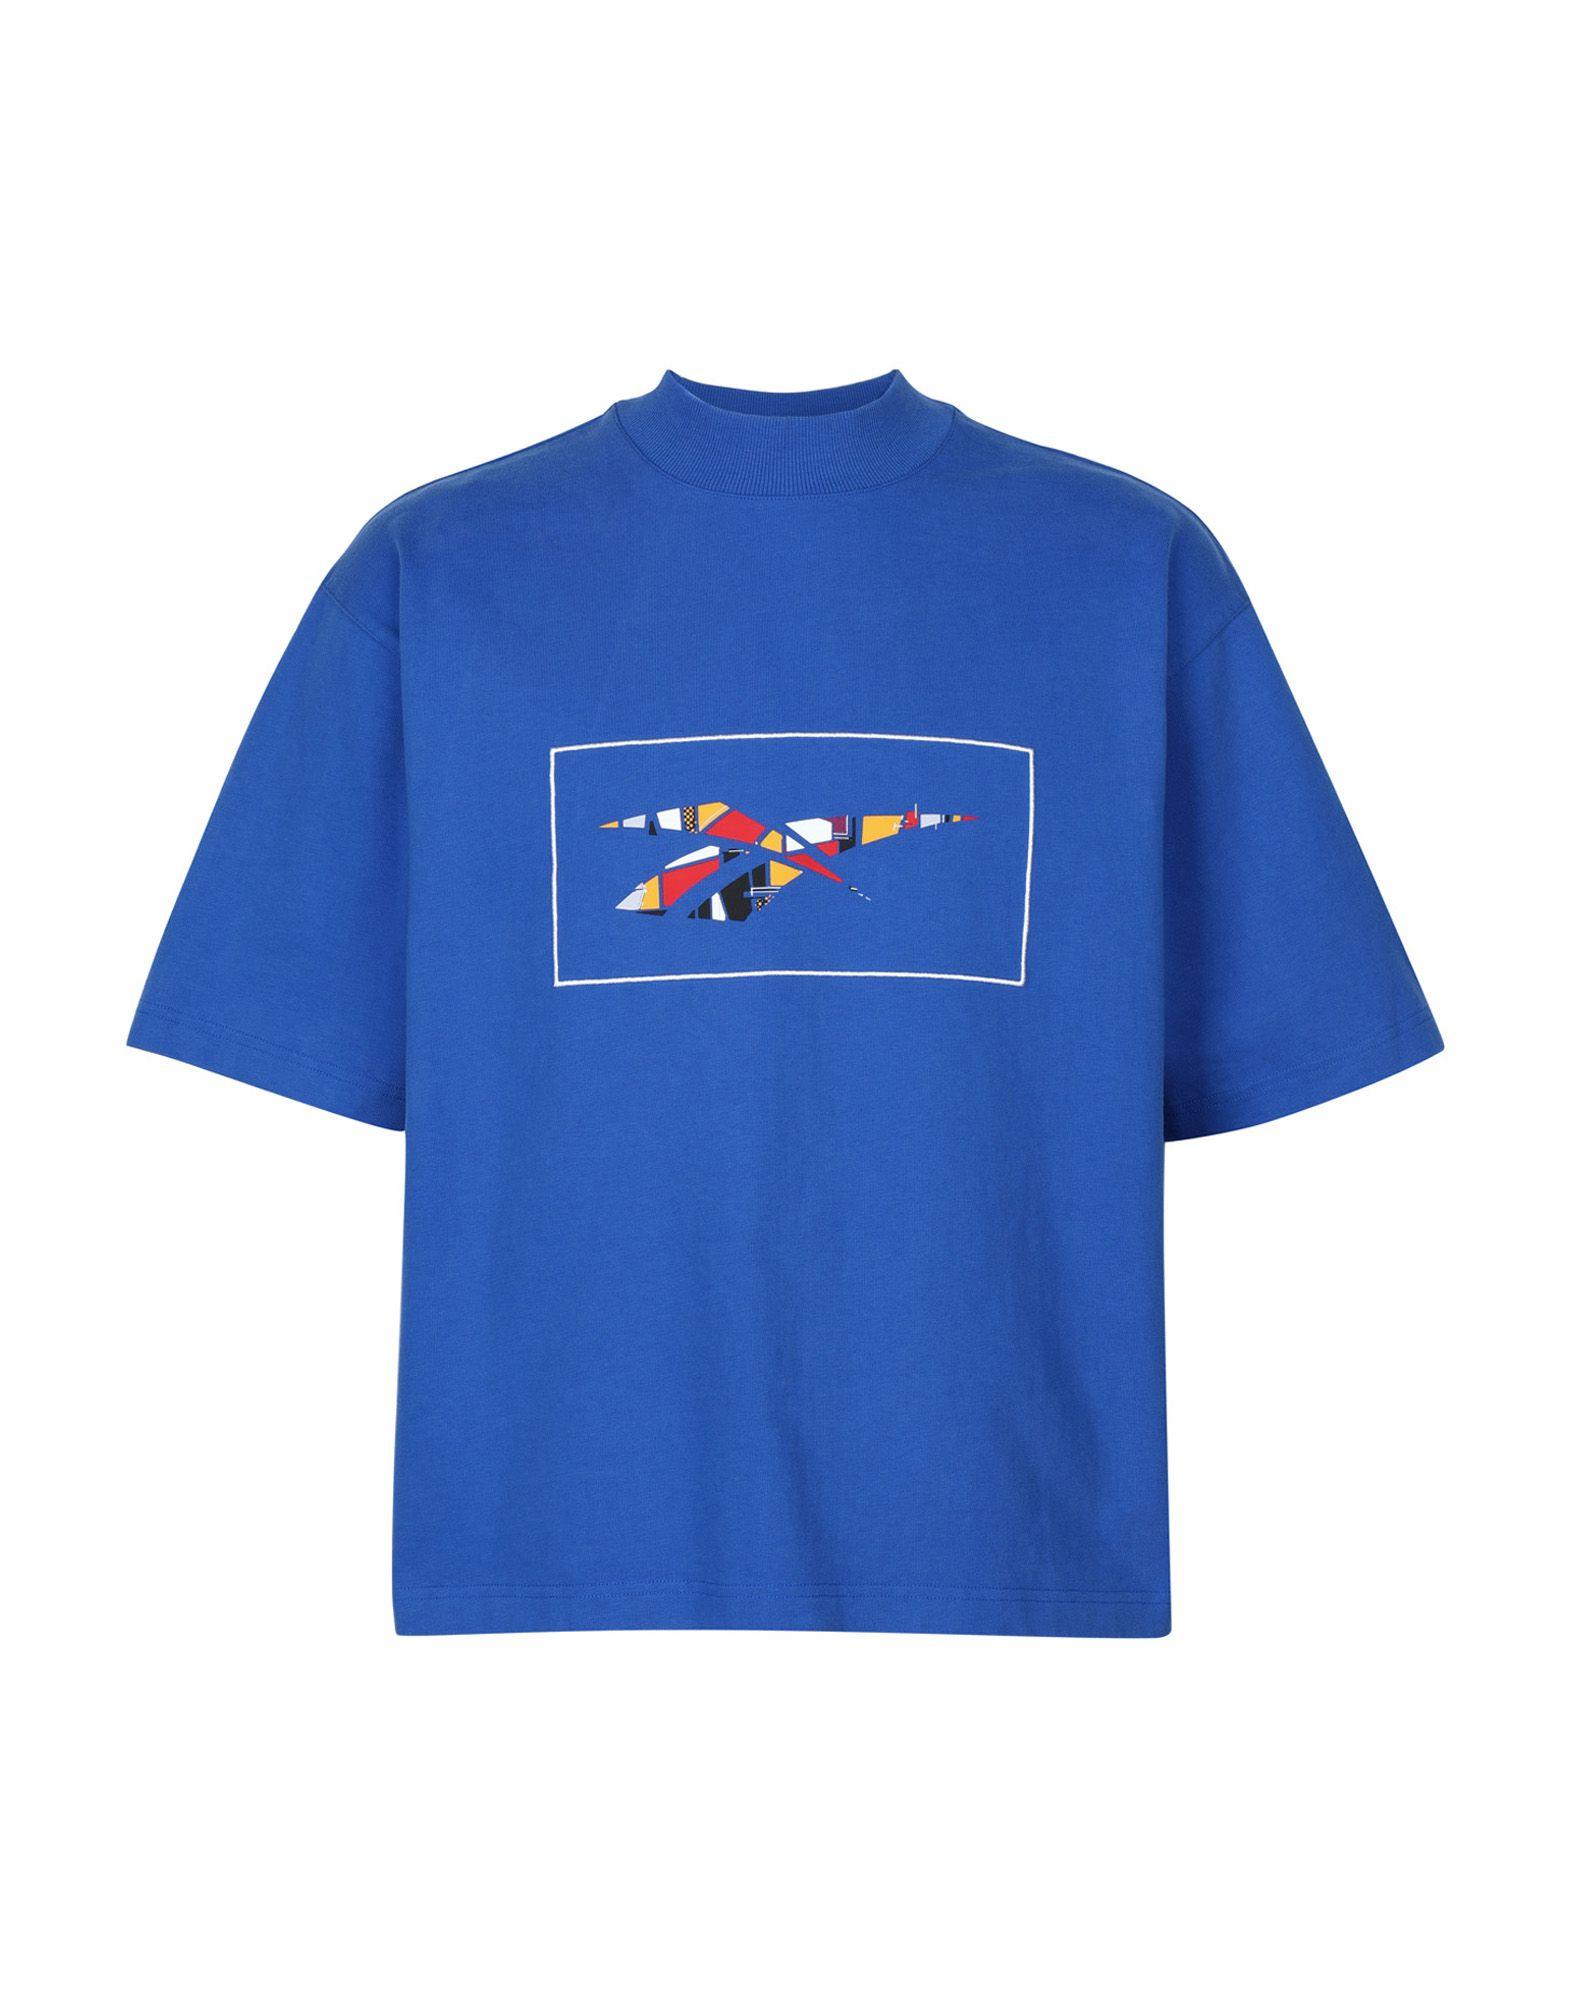 《送料無料》REEBOK x PYER MOSS メンズ T シャツ ブルー S コットン 100% RCxPM SS TEE